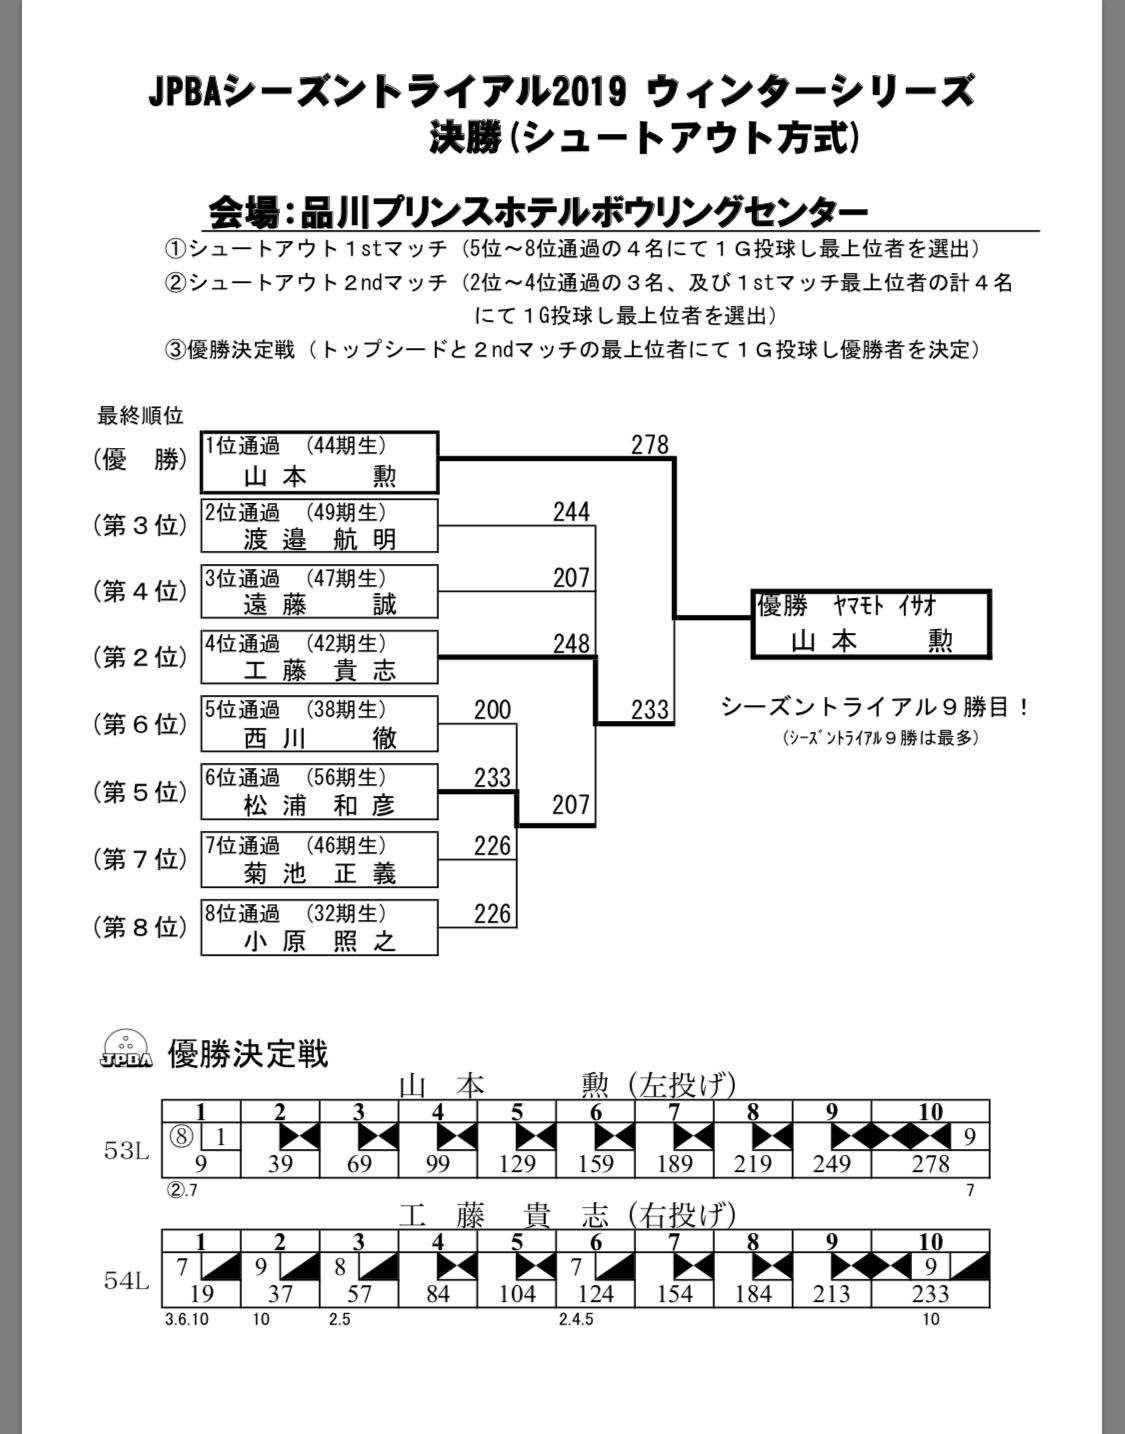 F3F04F0C-0D43-472E-8B8C-F4F77913BDD4.jpeg